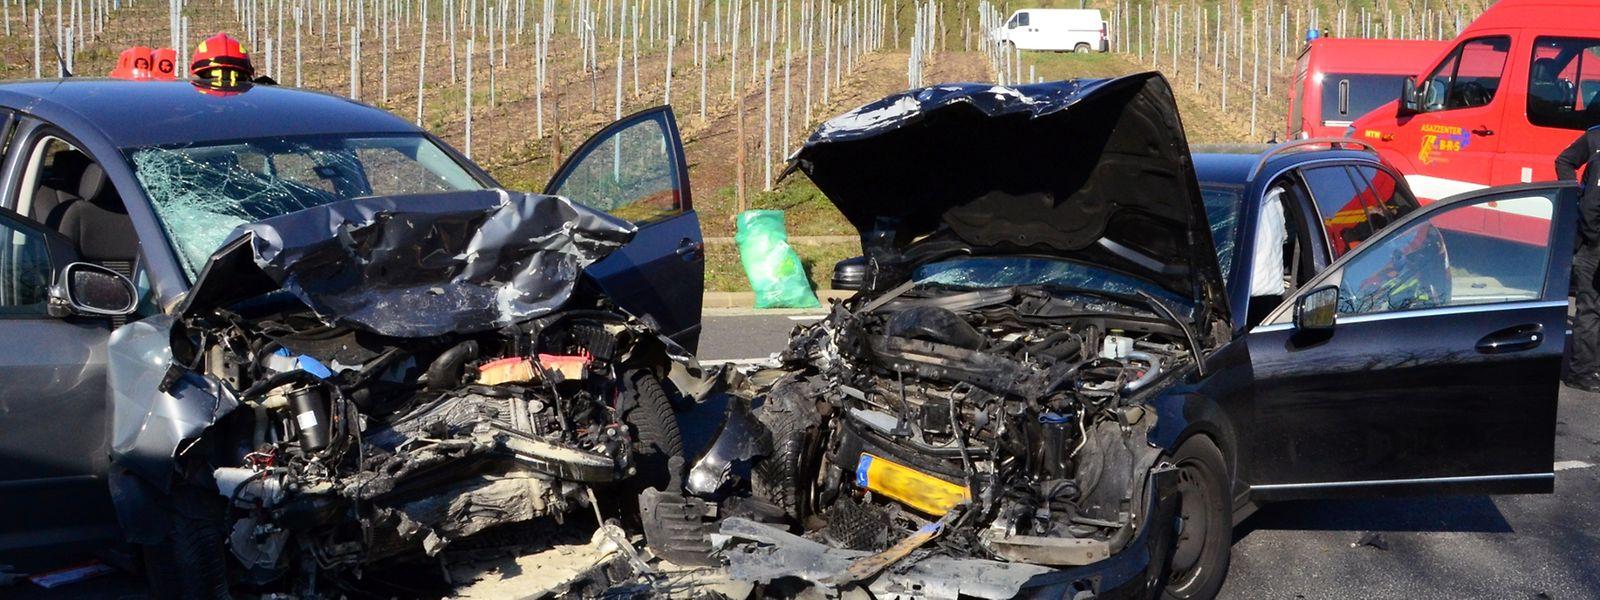 Zwei Fahrzeuge sind am Samstag Nachmittag auf der Route du Vin frontal kollidiert.